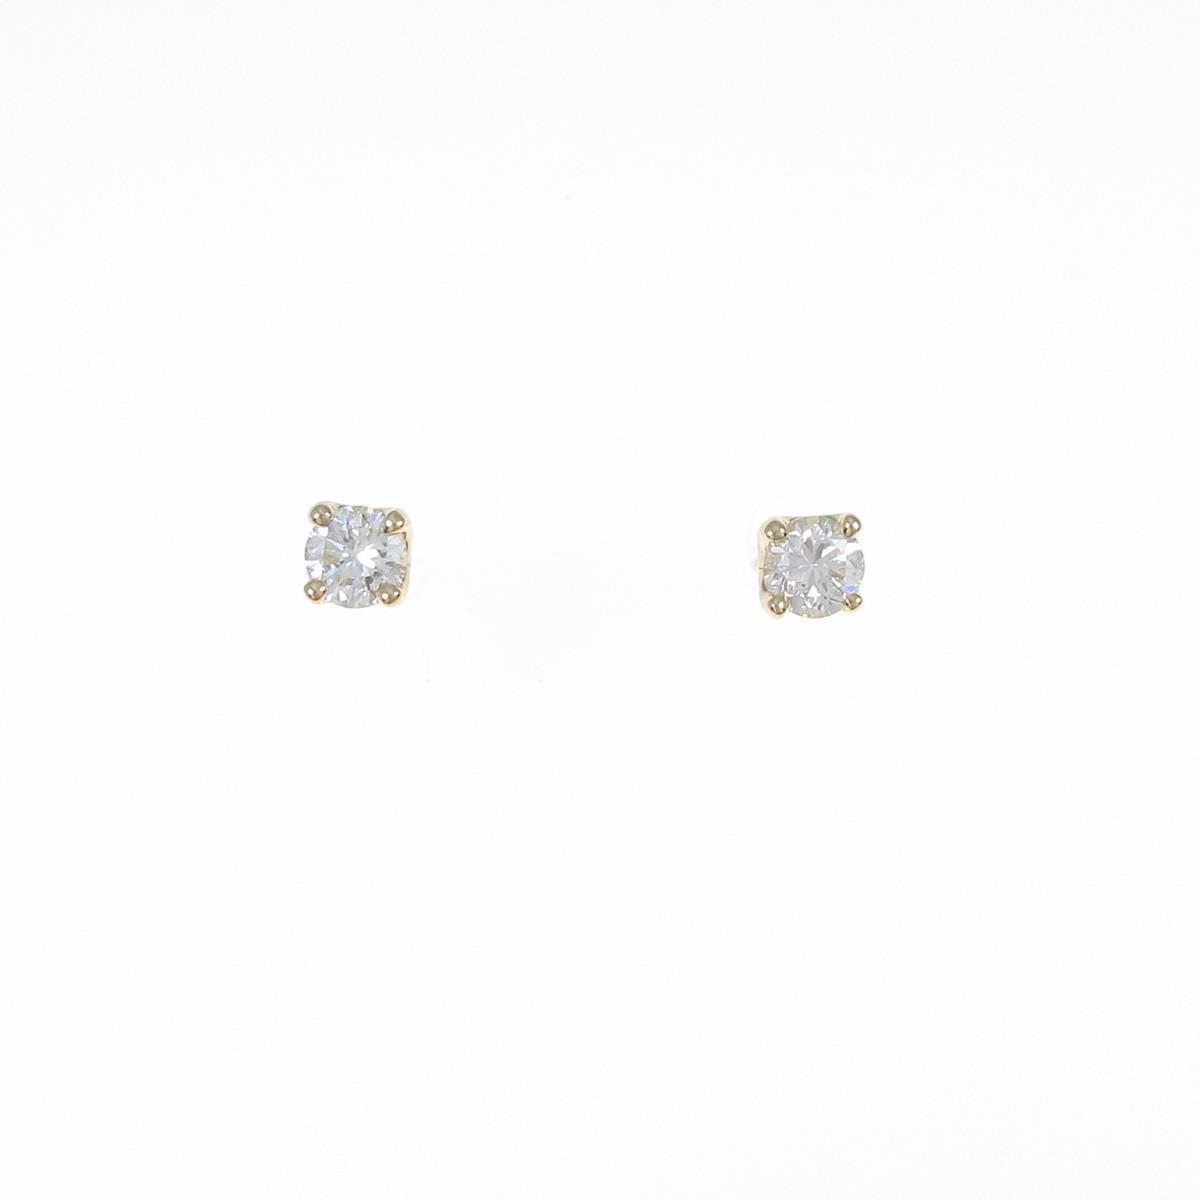 【リメイク】K18YG ダイヤモンドピアス 0.203ct・0.230ct・I・VS1・G-F【中古】